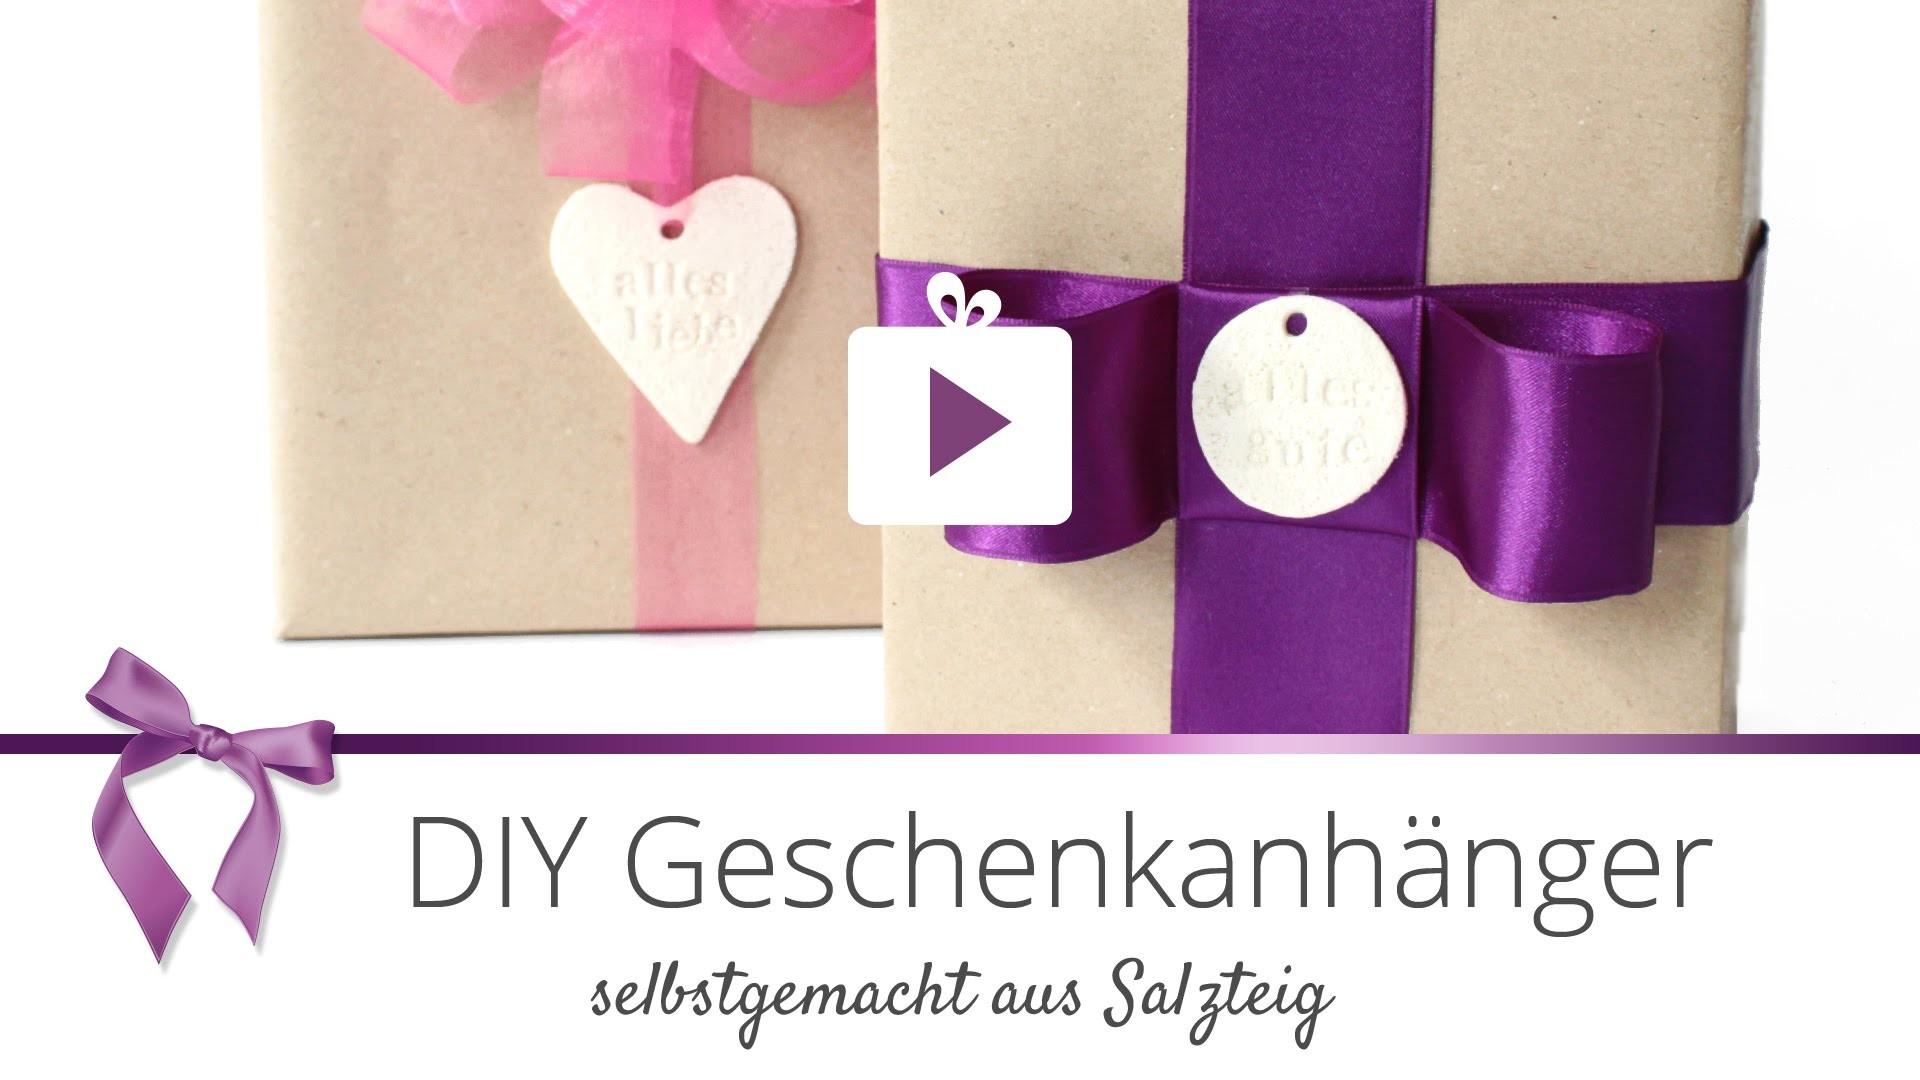 [Geschenke verpacken] Geschenanhänger aus Salzteig basteln | DANATO